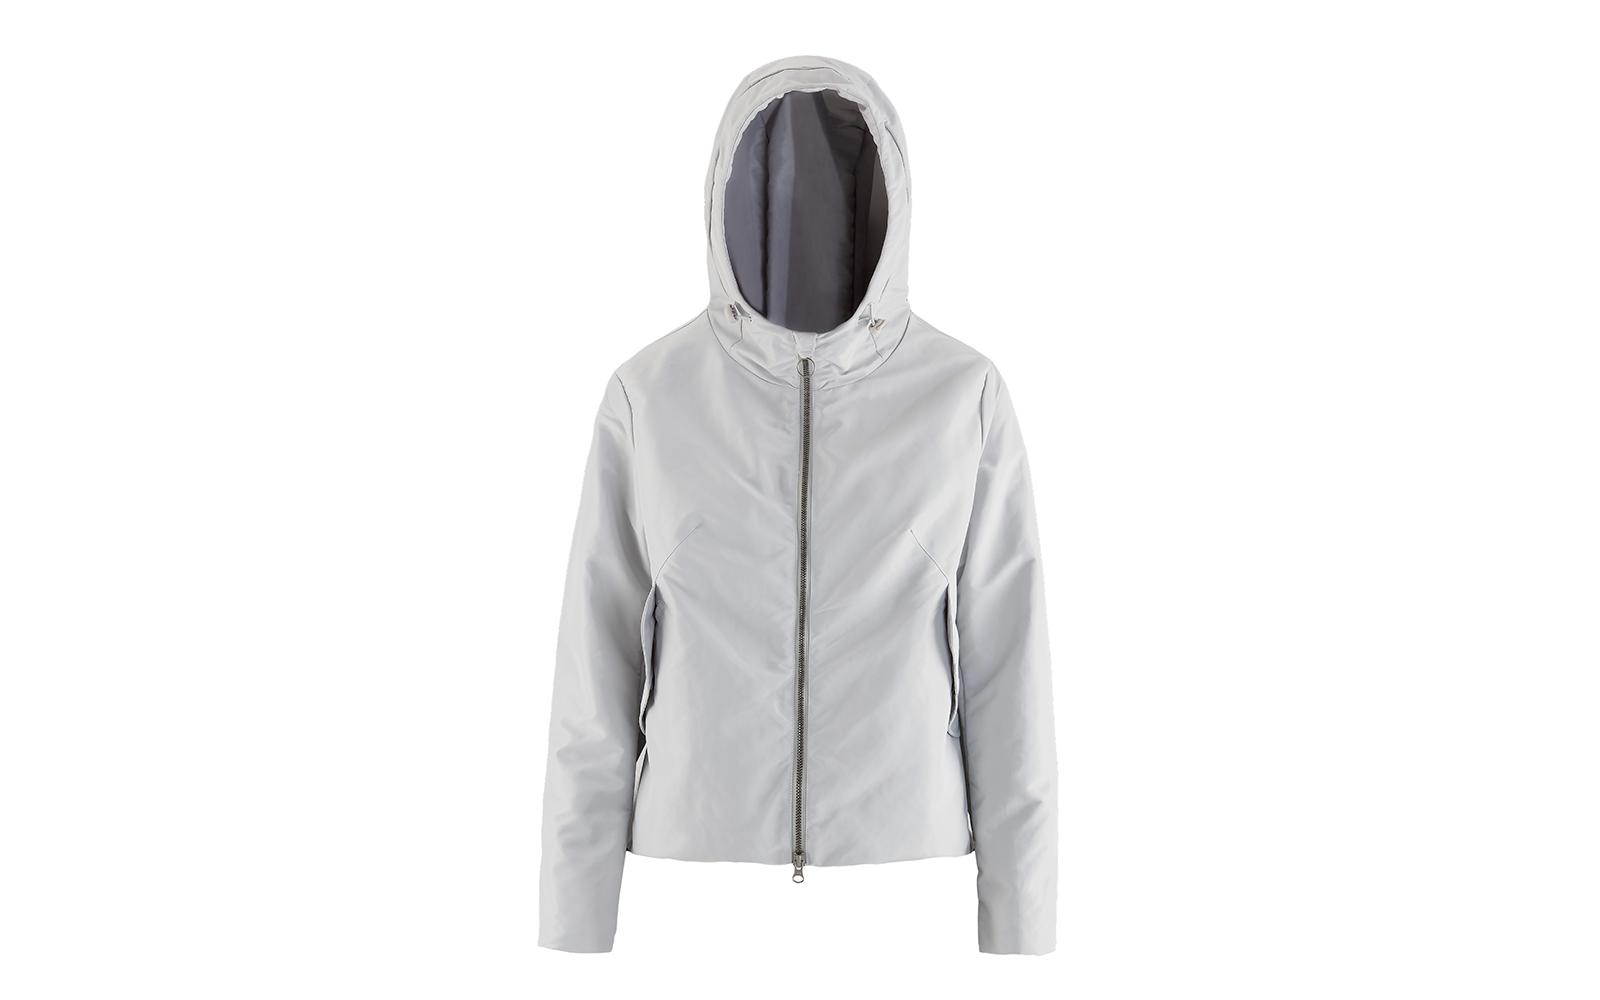 BOOMBOGIE  giacca in tessuto tecnico metalizzato, da tenere sempre con sé (euro 165) www.boomboogie.it